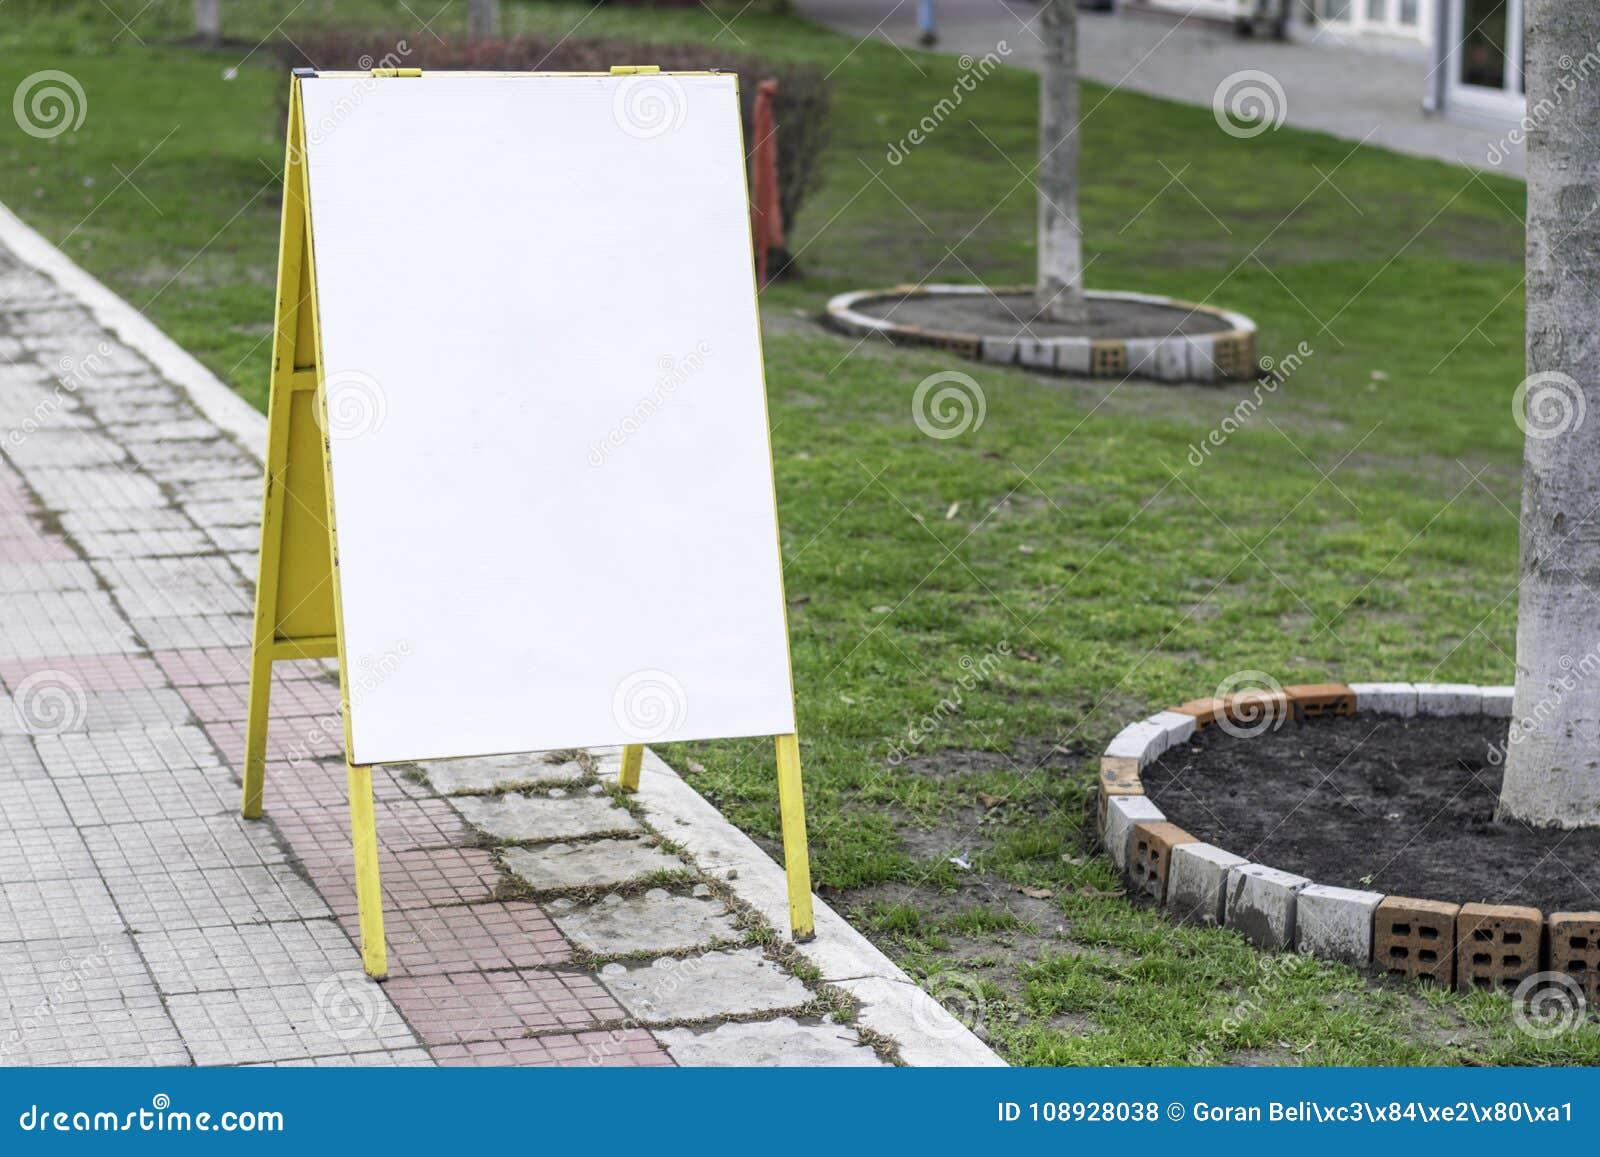 Blank Sandwich Board On A Street Boardwalk Stock Photo - Image of ...